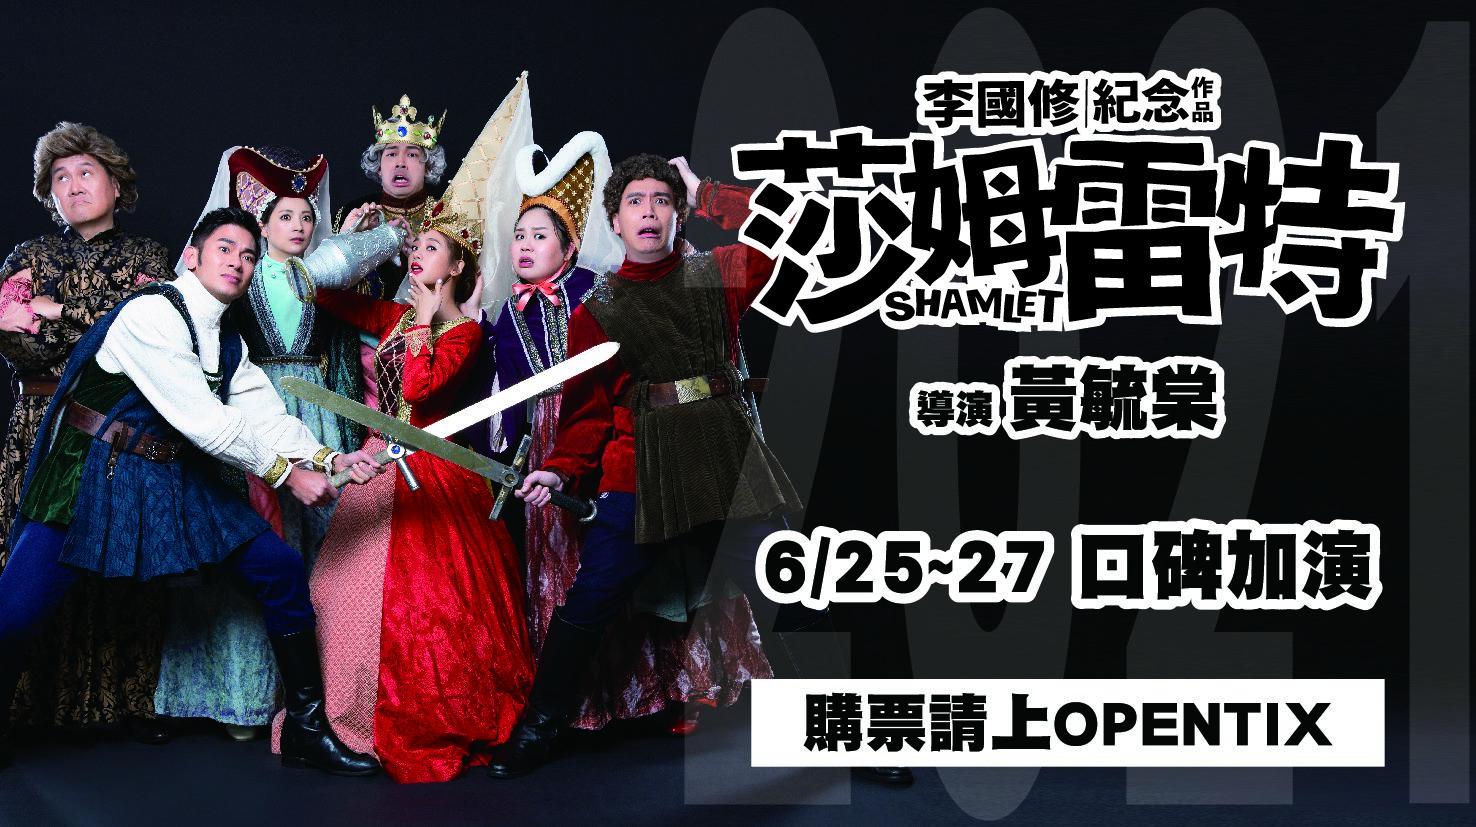 本節目受疫情影響延期至9/10-9/12   亮棠文創劇場-「2021李國修紀念作品《莎姆雷特》口碑加演」